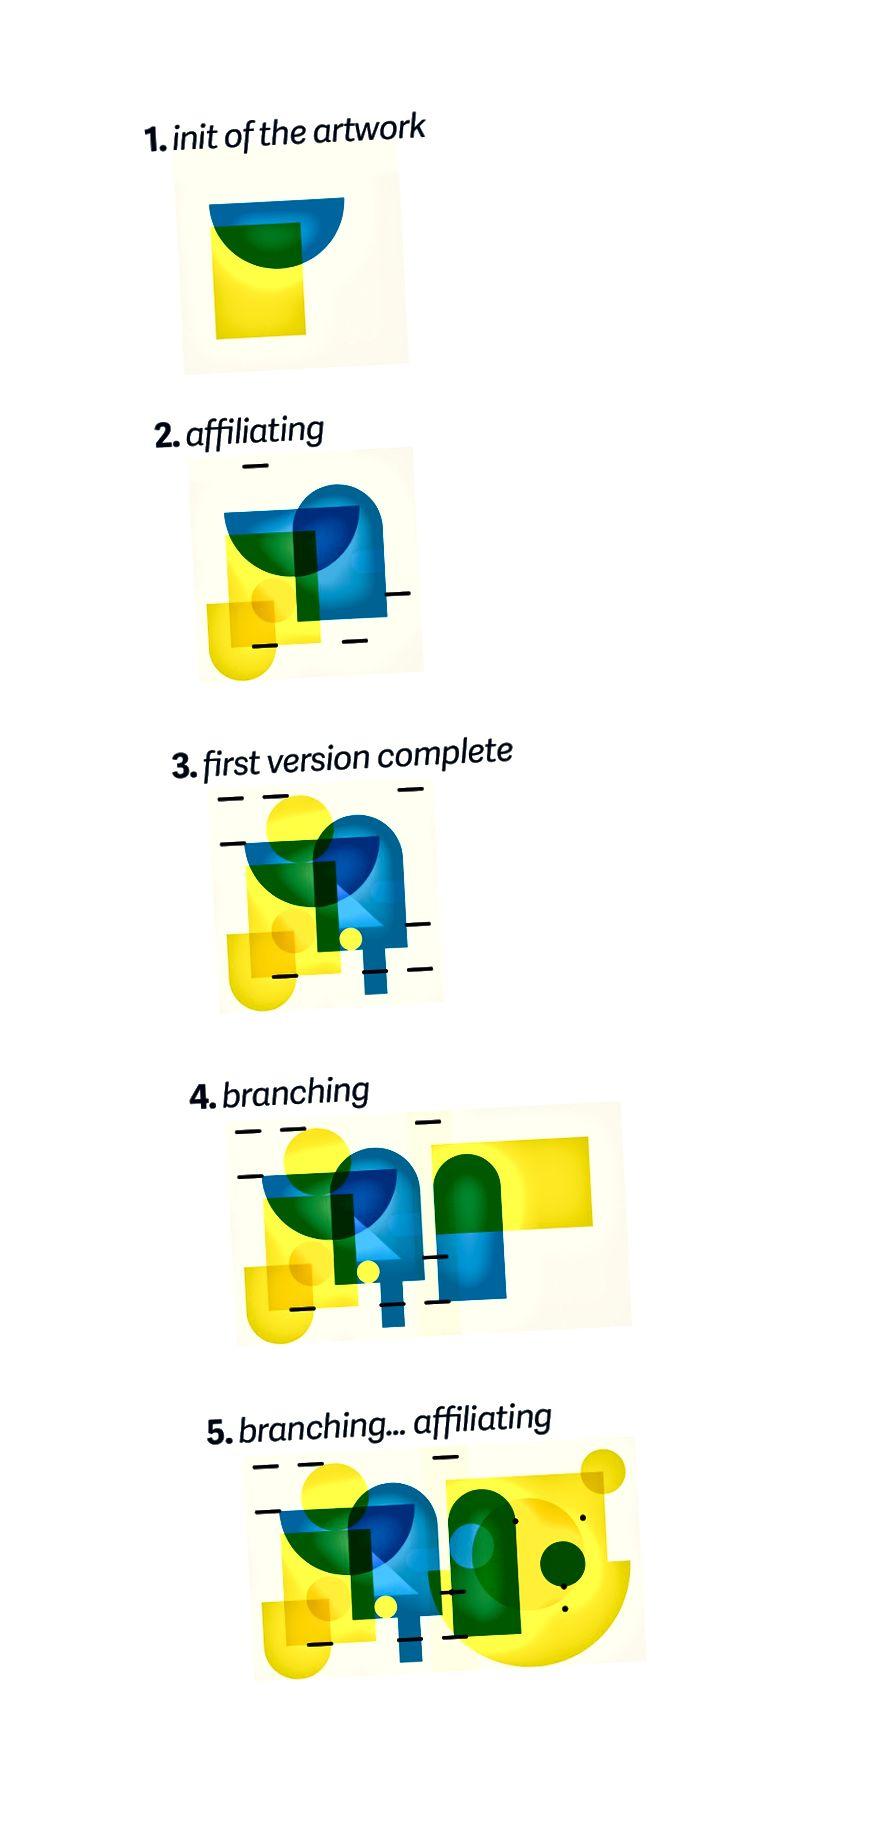 Ein Dokument, in dem erklärt und Ideen ausgetauscht werden, wie das Kunstwerk wachsen und sich weiterentwickeln kann